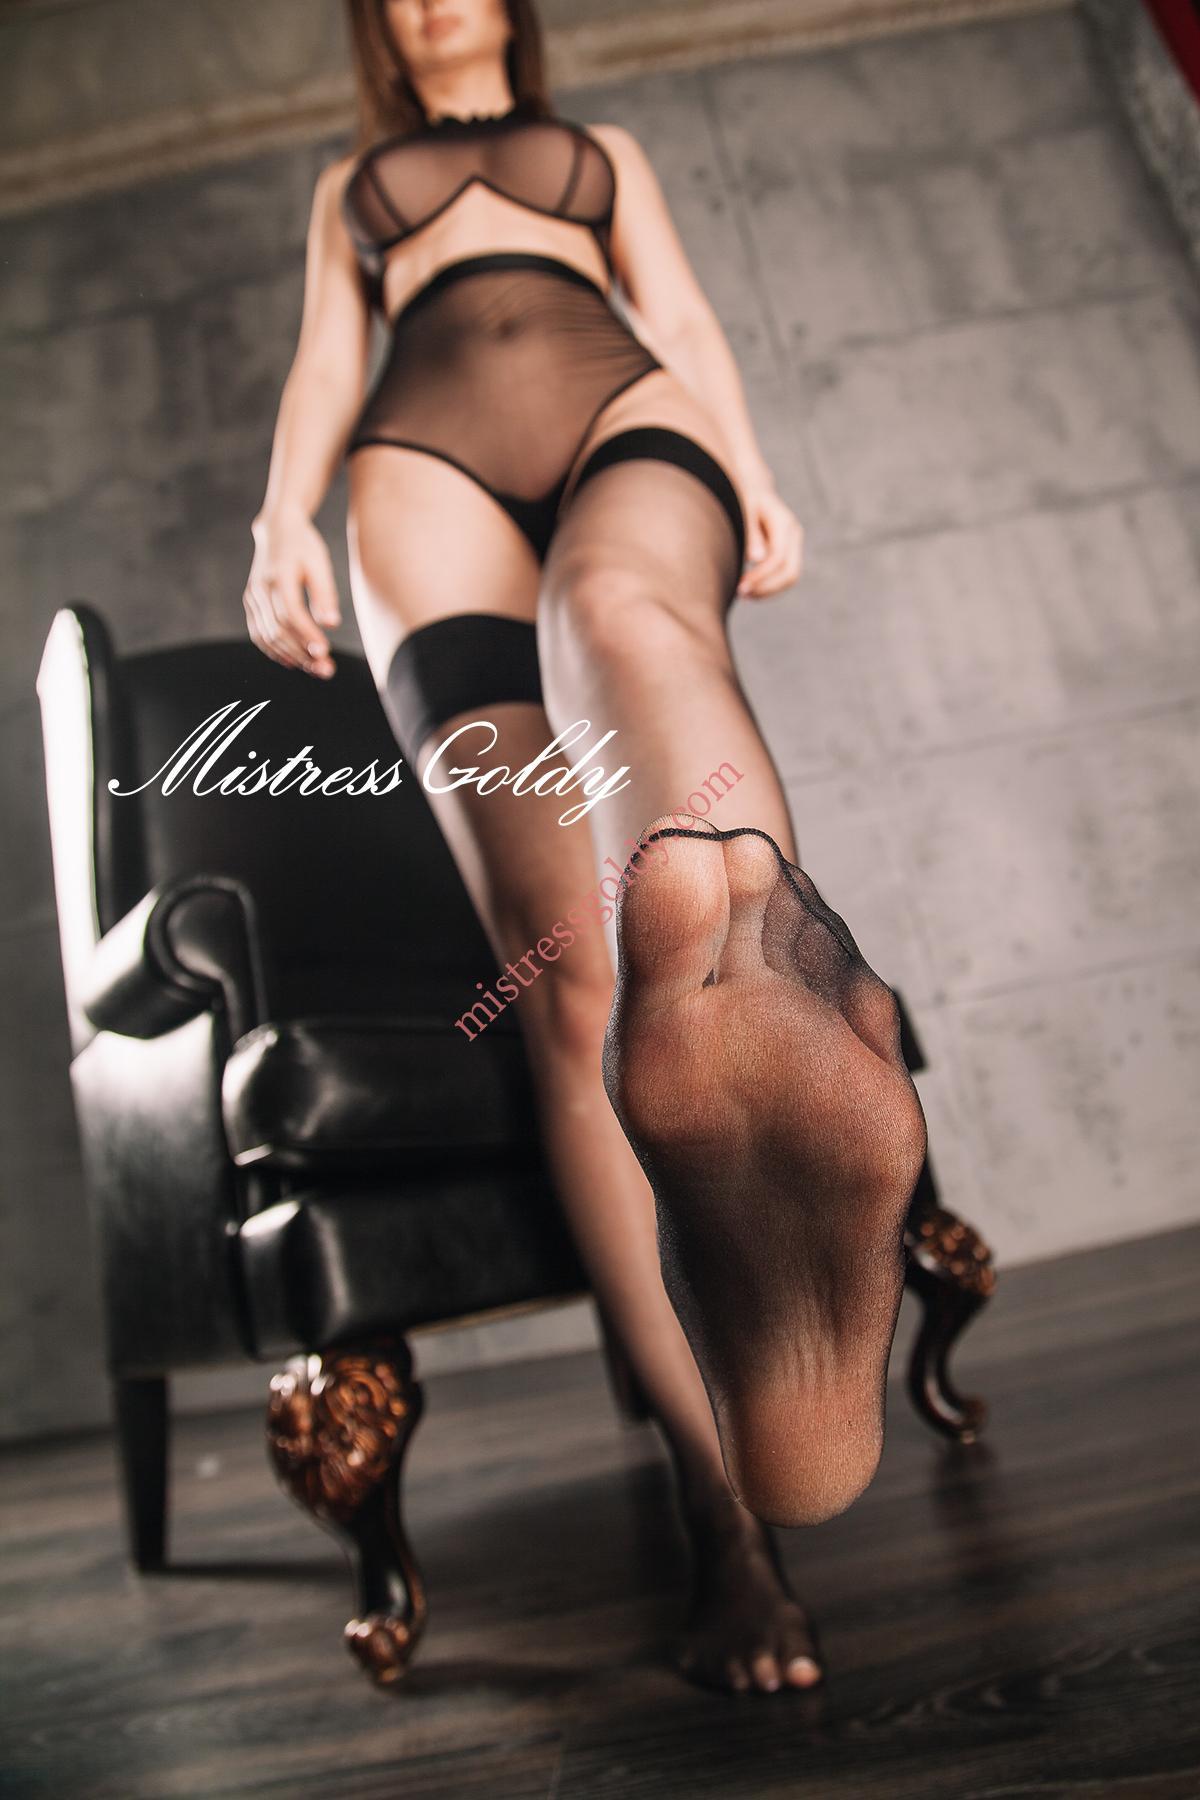 Фетишист поклоняется ножкам госпожи — photo 13